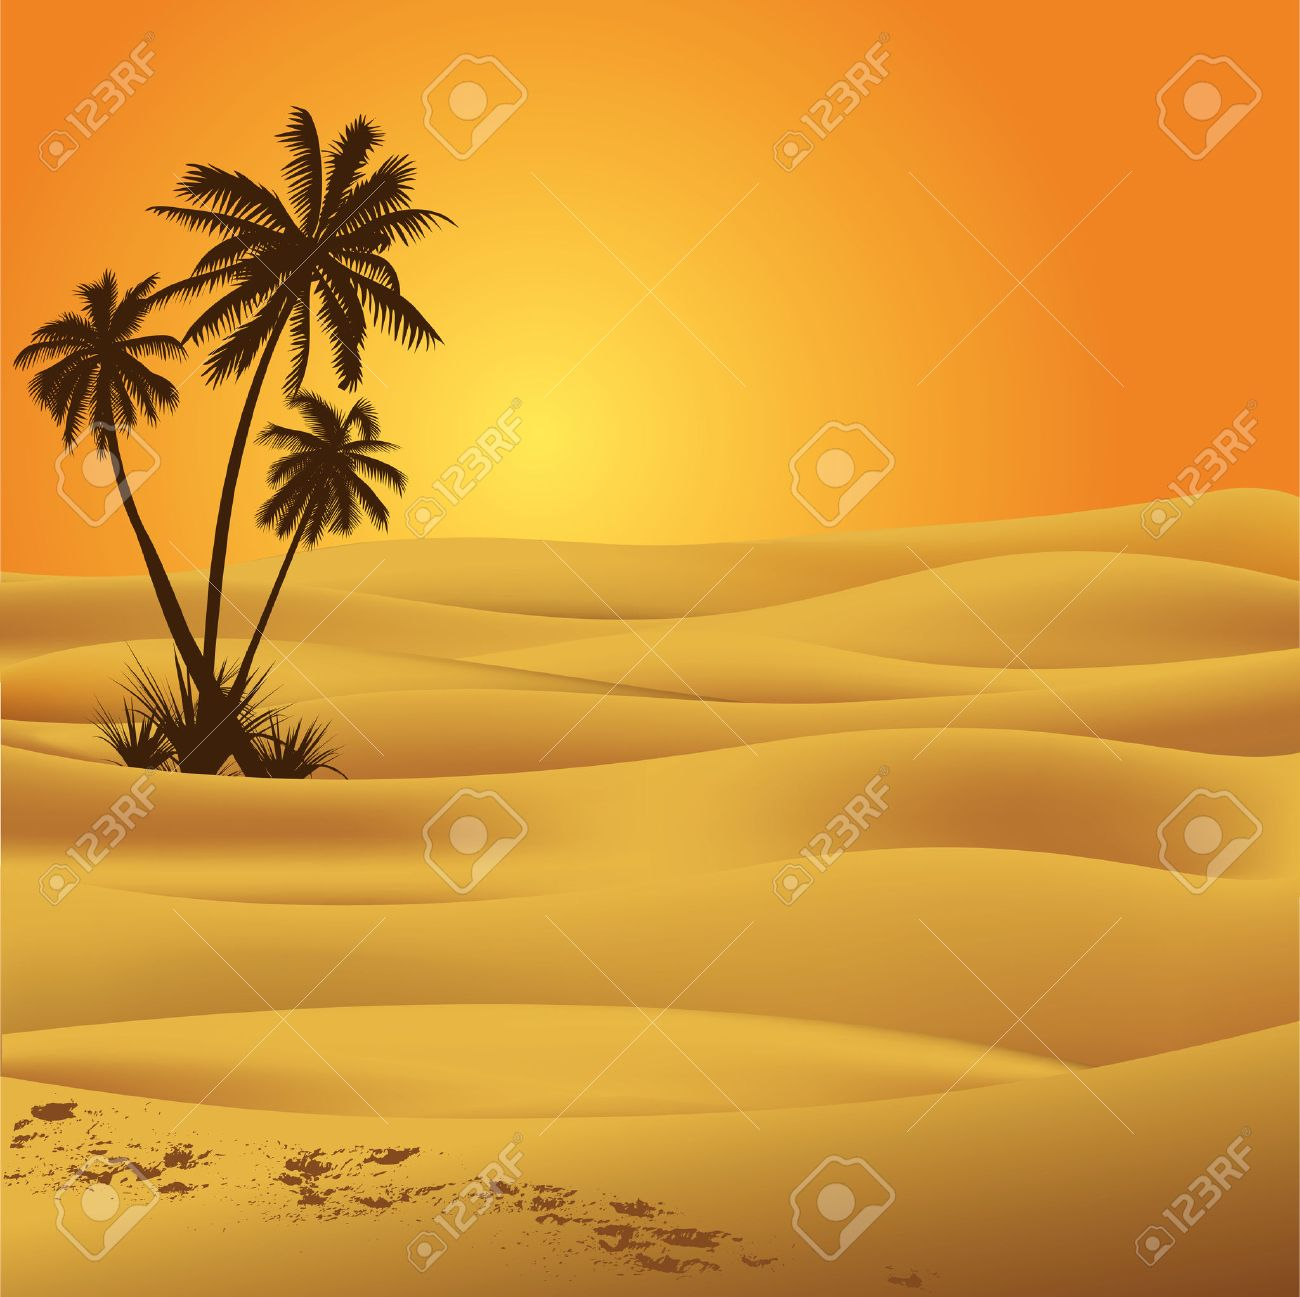 Sahara desert illustration - 8198554